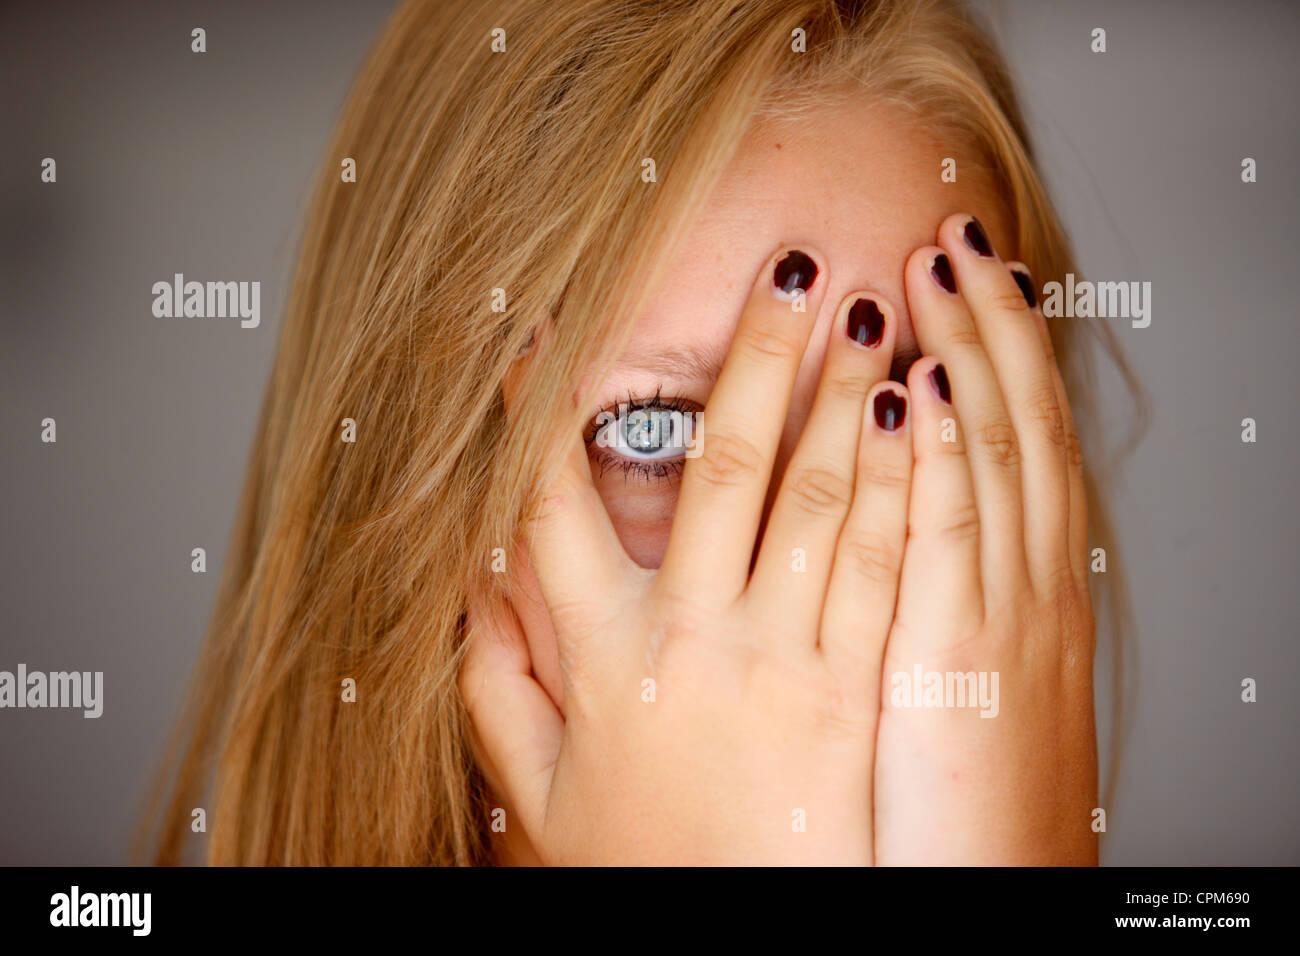 Tímida adolescente Imagen De Stock